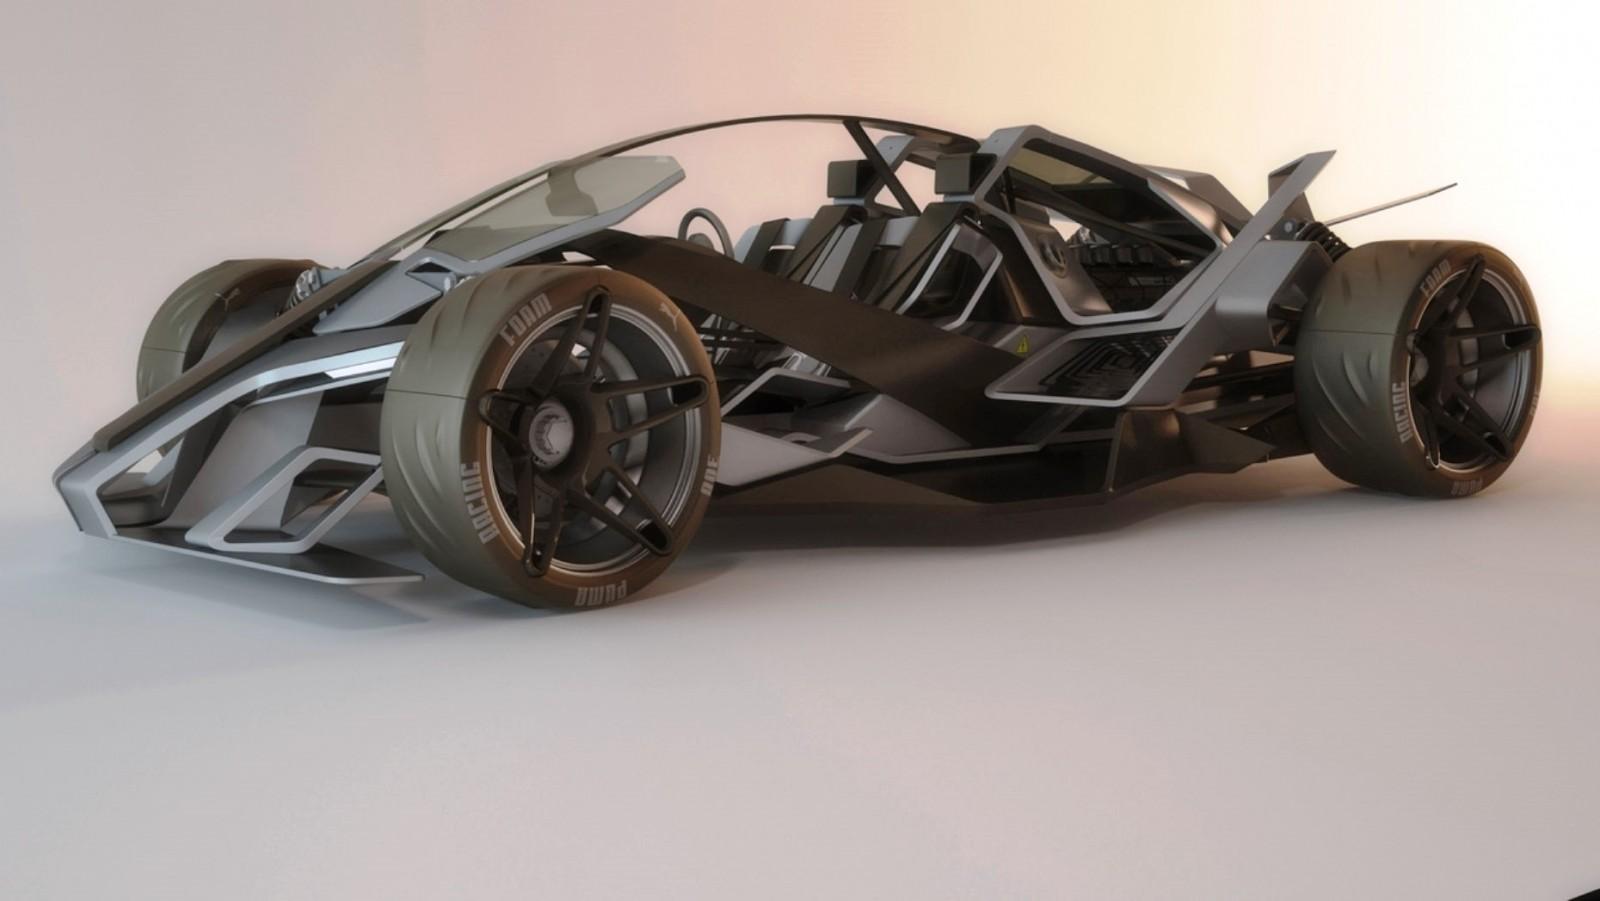 2020 Puma Boulevard Racer by Sabino Leerentveld 25